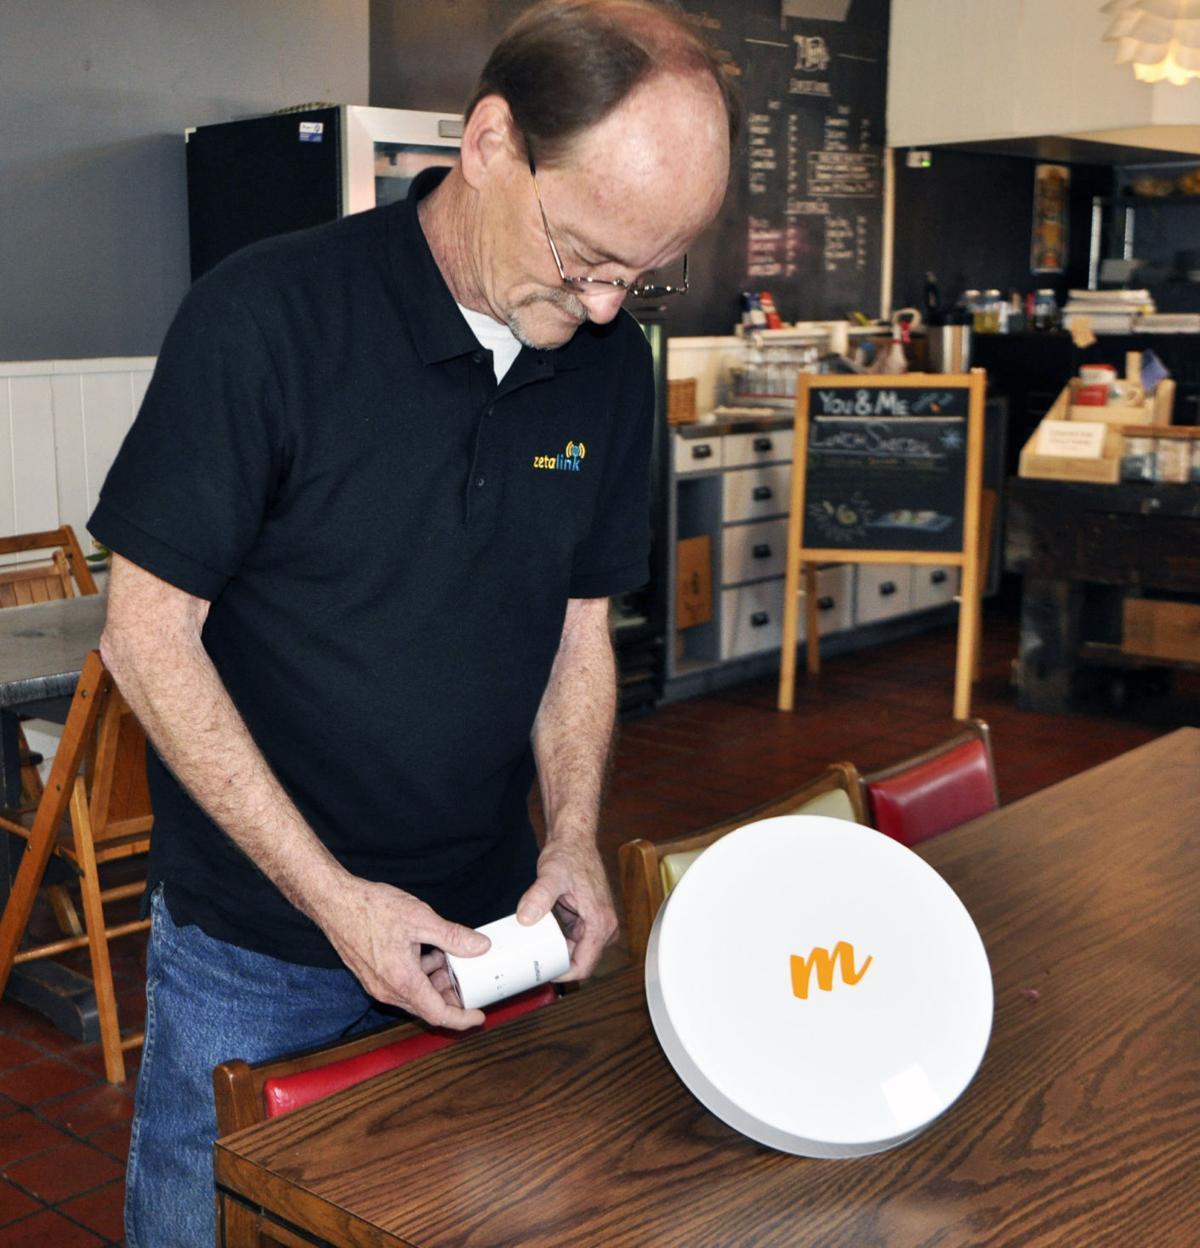 Longtime internet businessman brings service to Corbin area